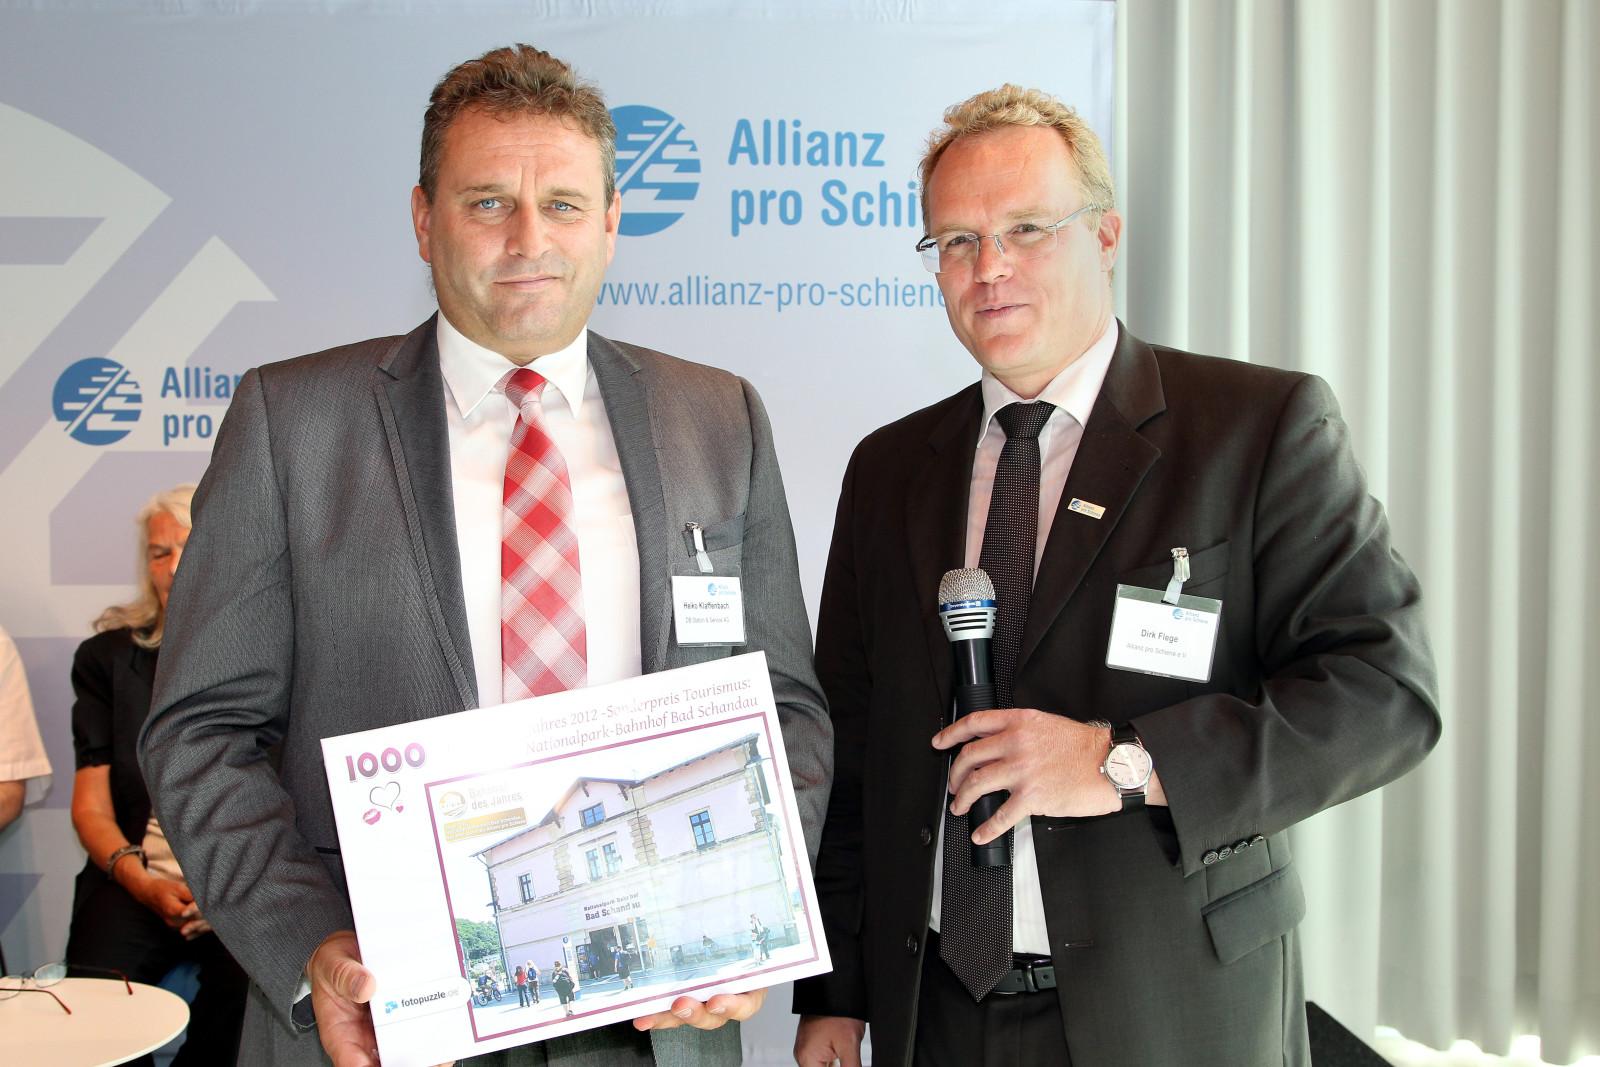 Dirk Flege mit Heiko Klaffenbach auf der Bühne.